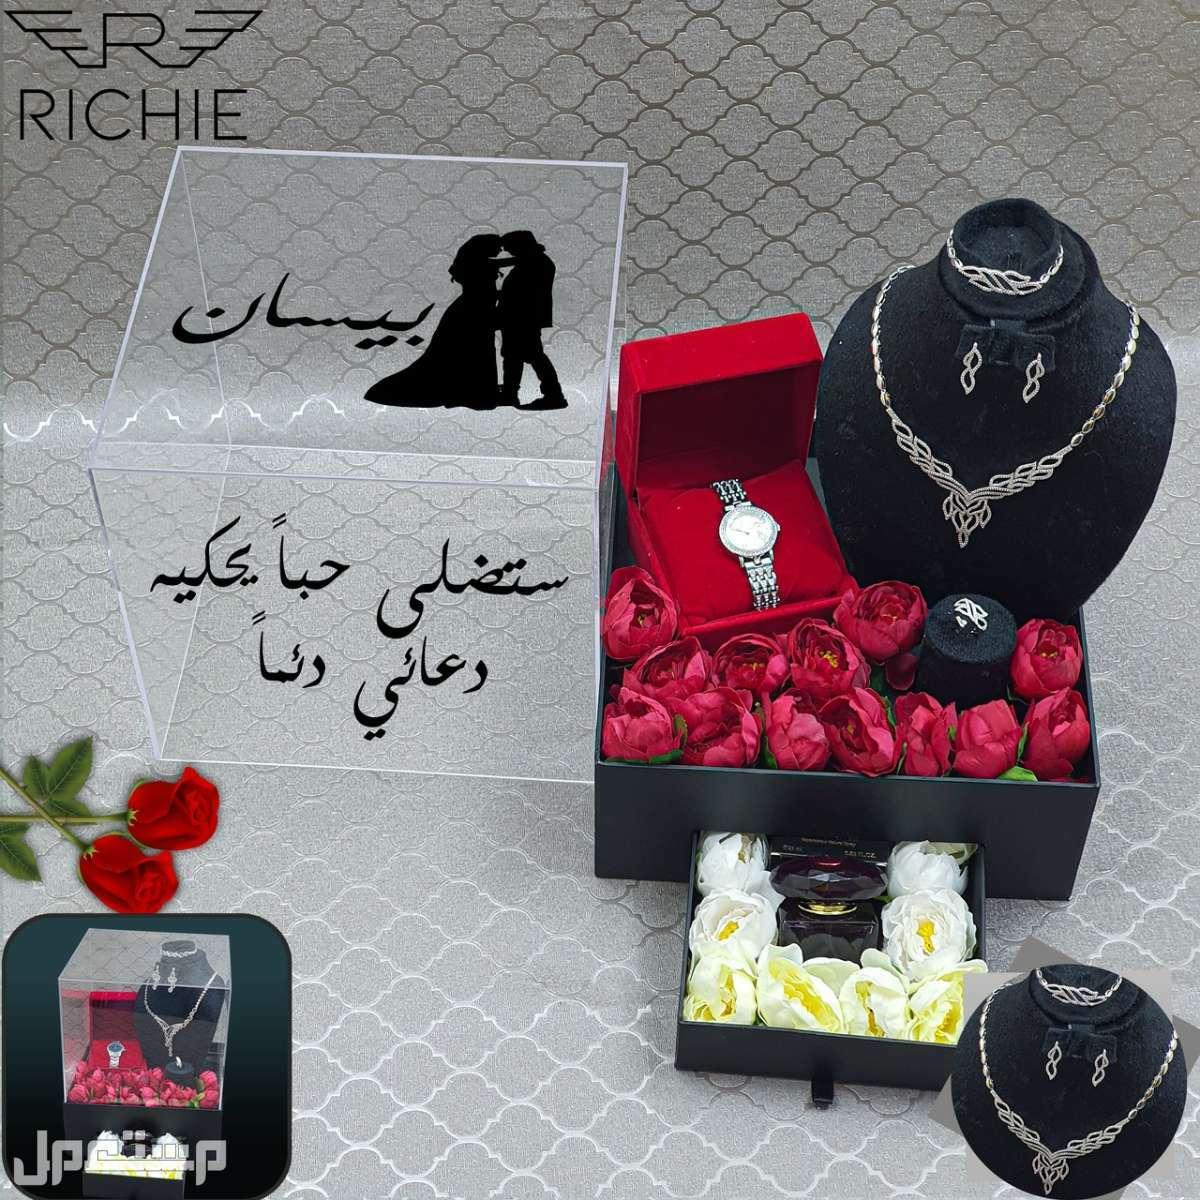 هدايا تذكارية نسائية مميز خاصه ل # الزواج # خطوبة #ملكه# تخرج